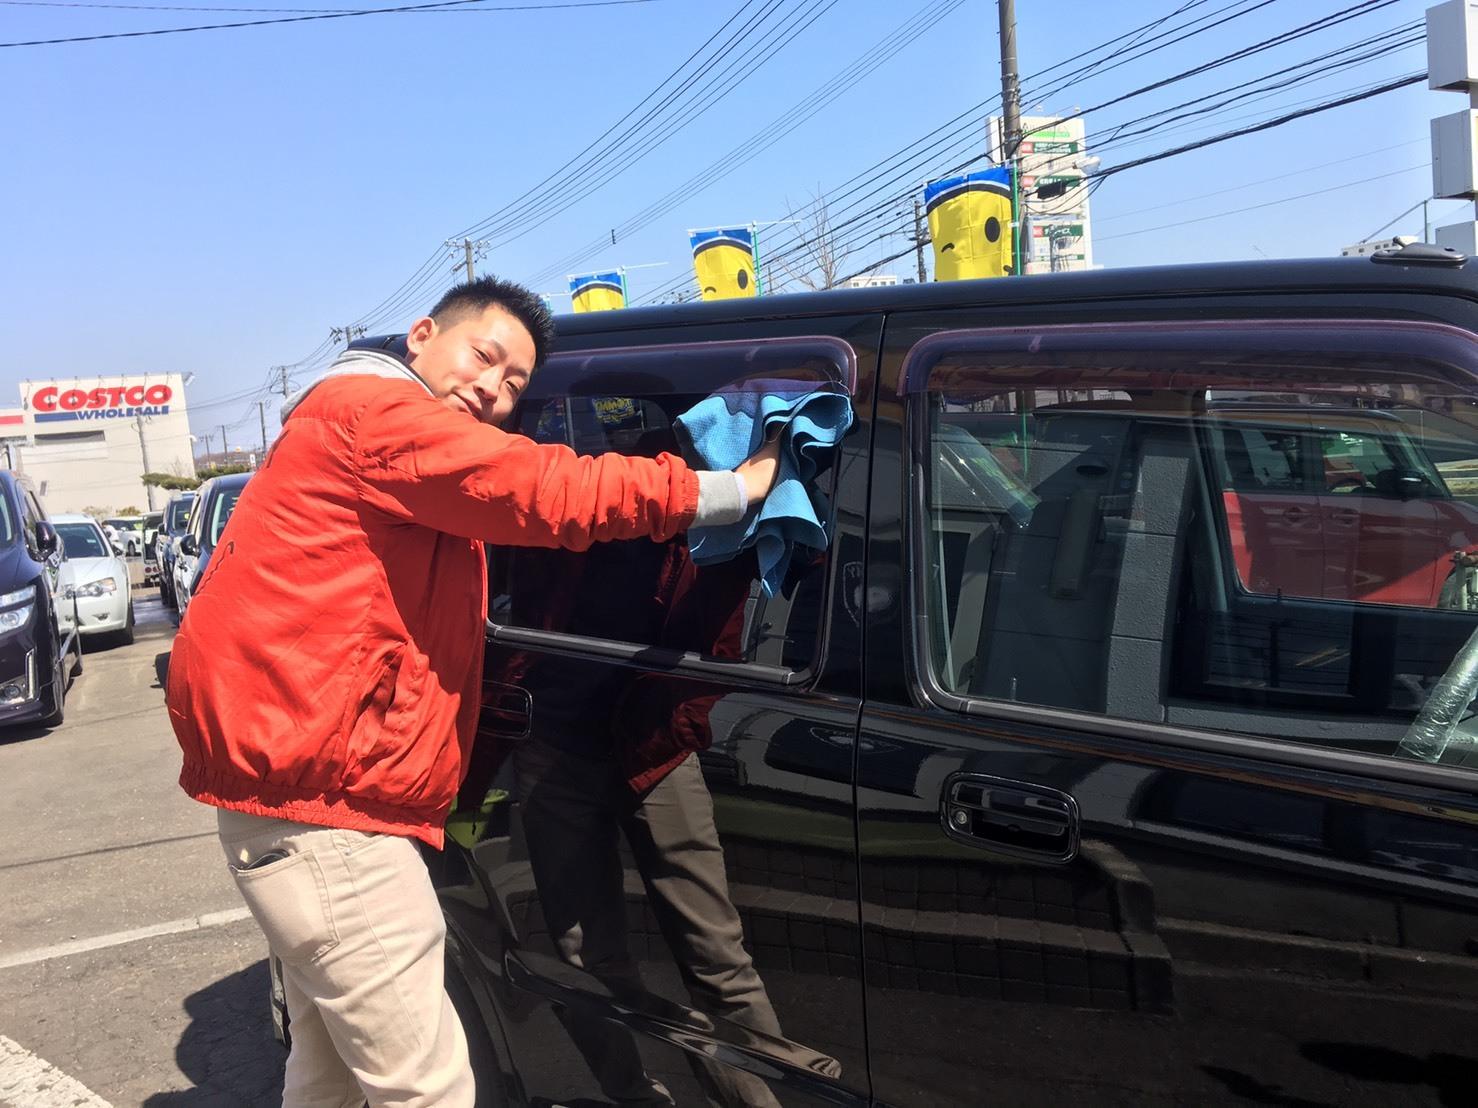 4月17日(水)☆TOMMYアウトレット☆あやあゆブログ(∩ˊ꒳ˋ∩)・* ワゴンR A様納車♪たくさんのご来店ありがとうございます♡_b0127002_17111132.jpg